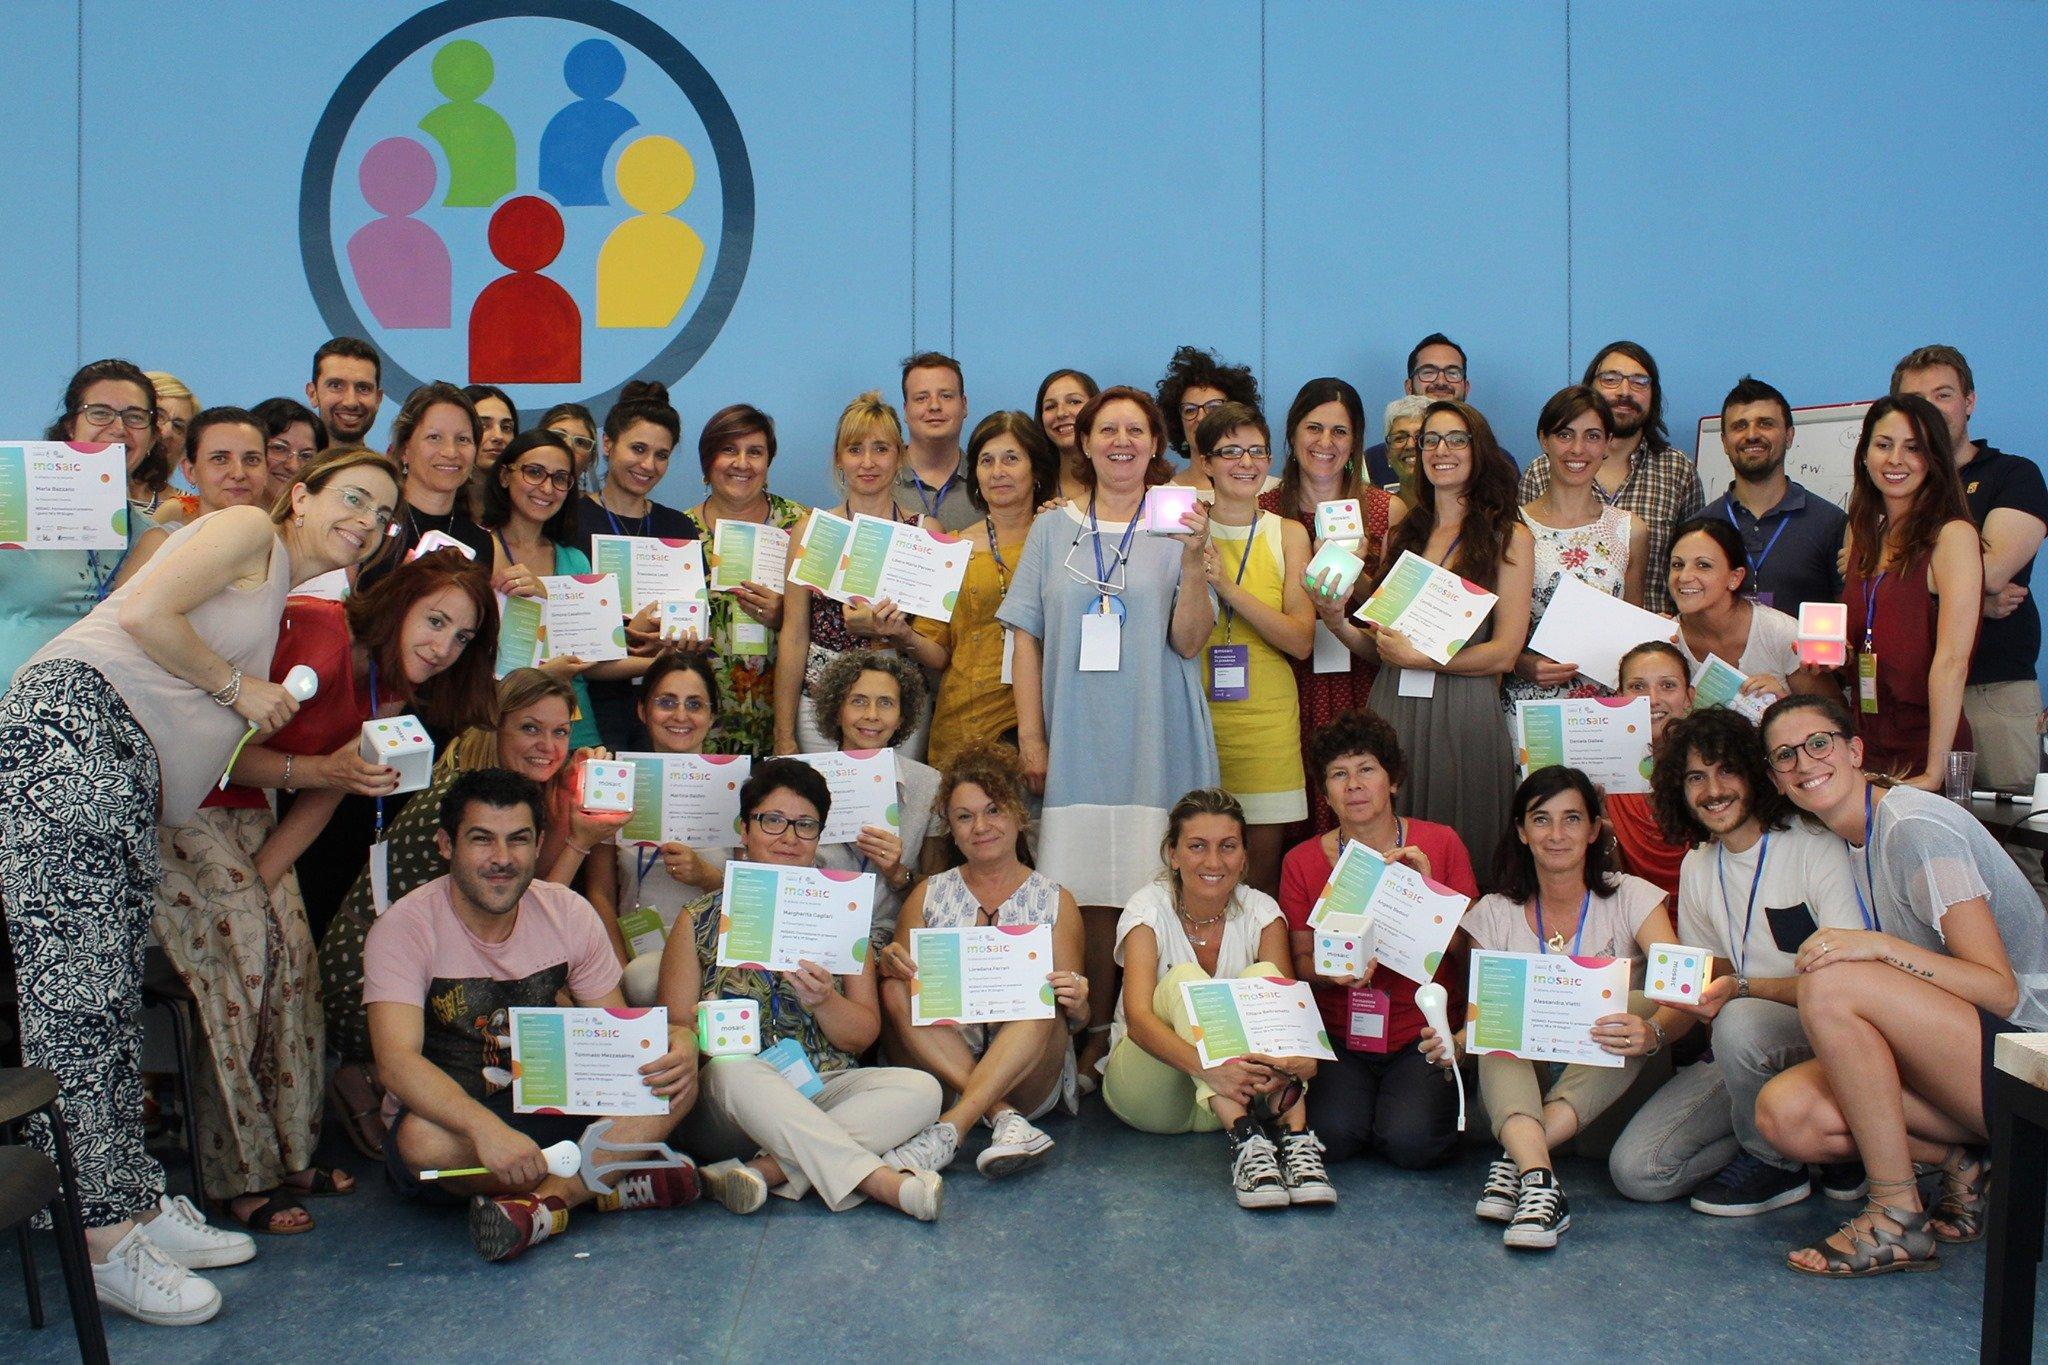 I corsisti della prima sperimentazione MOSAIC e il team, nella foto ricordo al termine della sperimentazione in presenza del giugno 2019